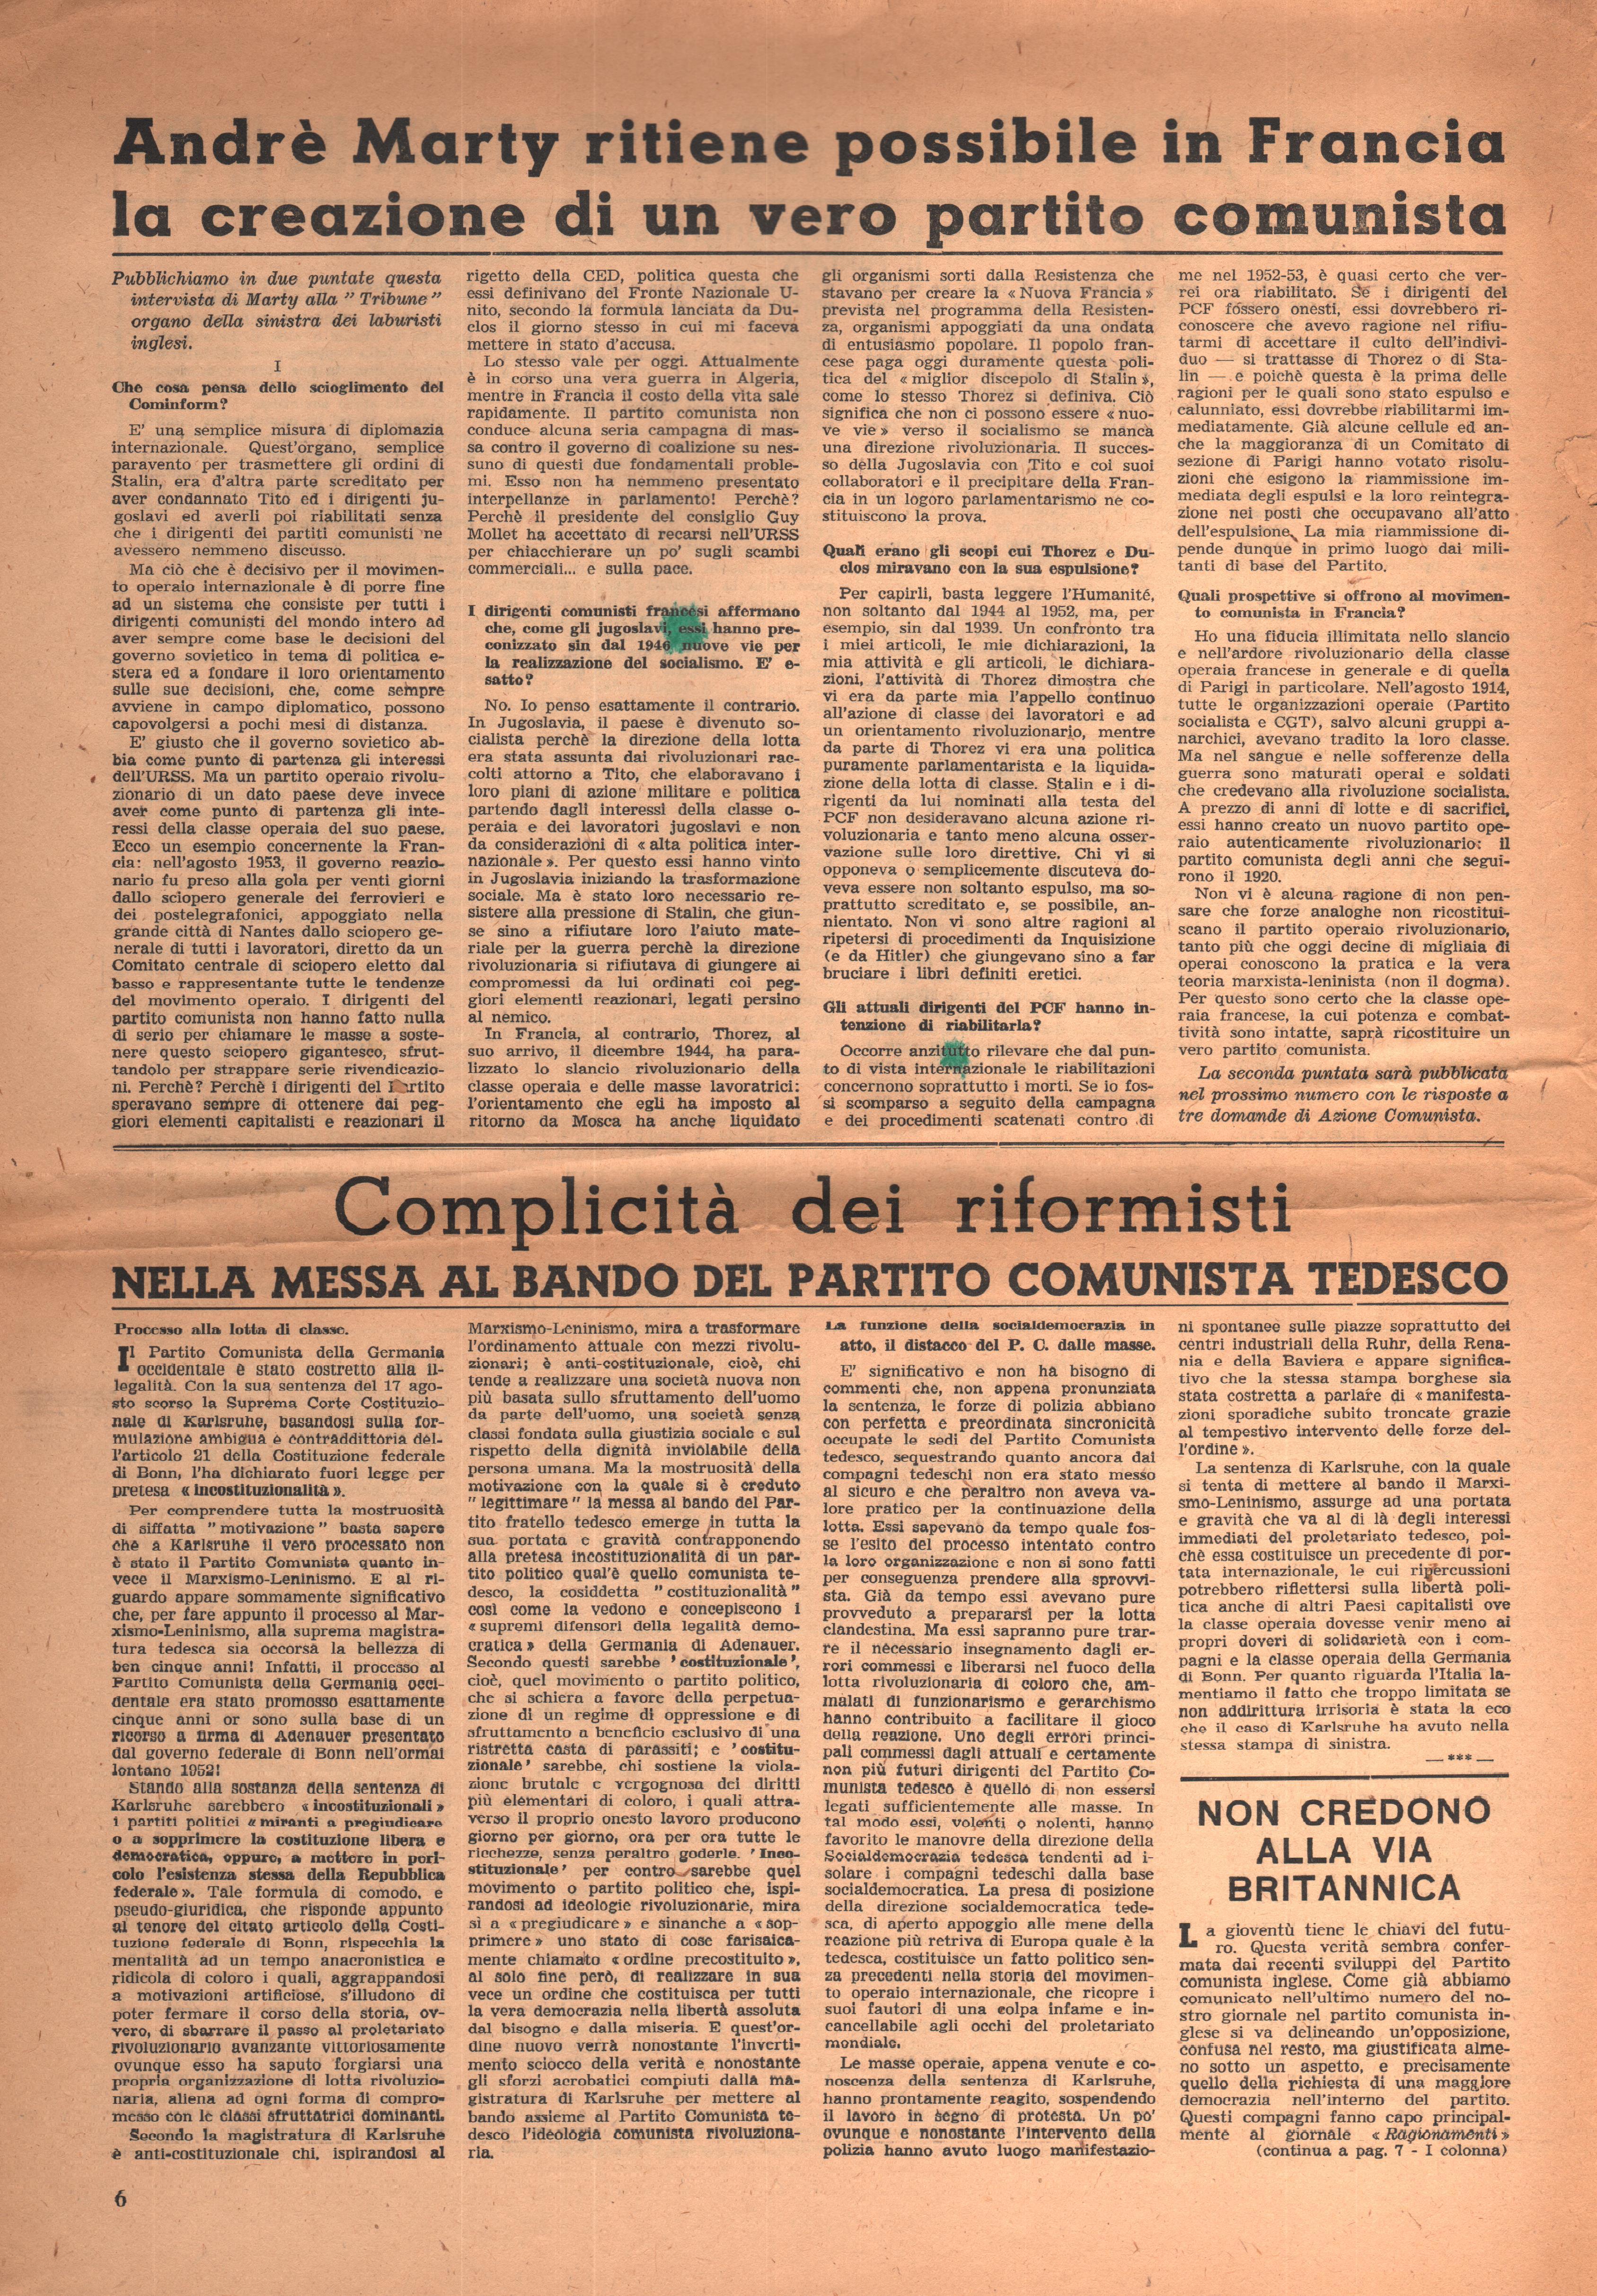 Azione Comunista 4 - pag. 6